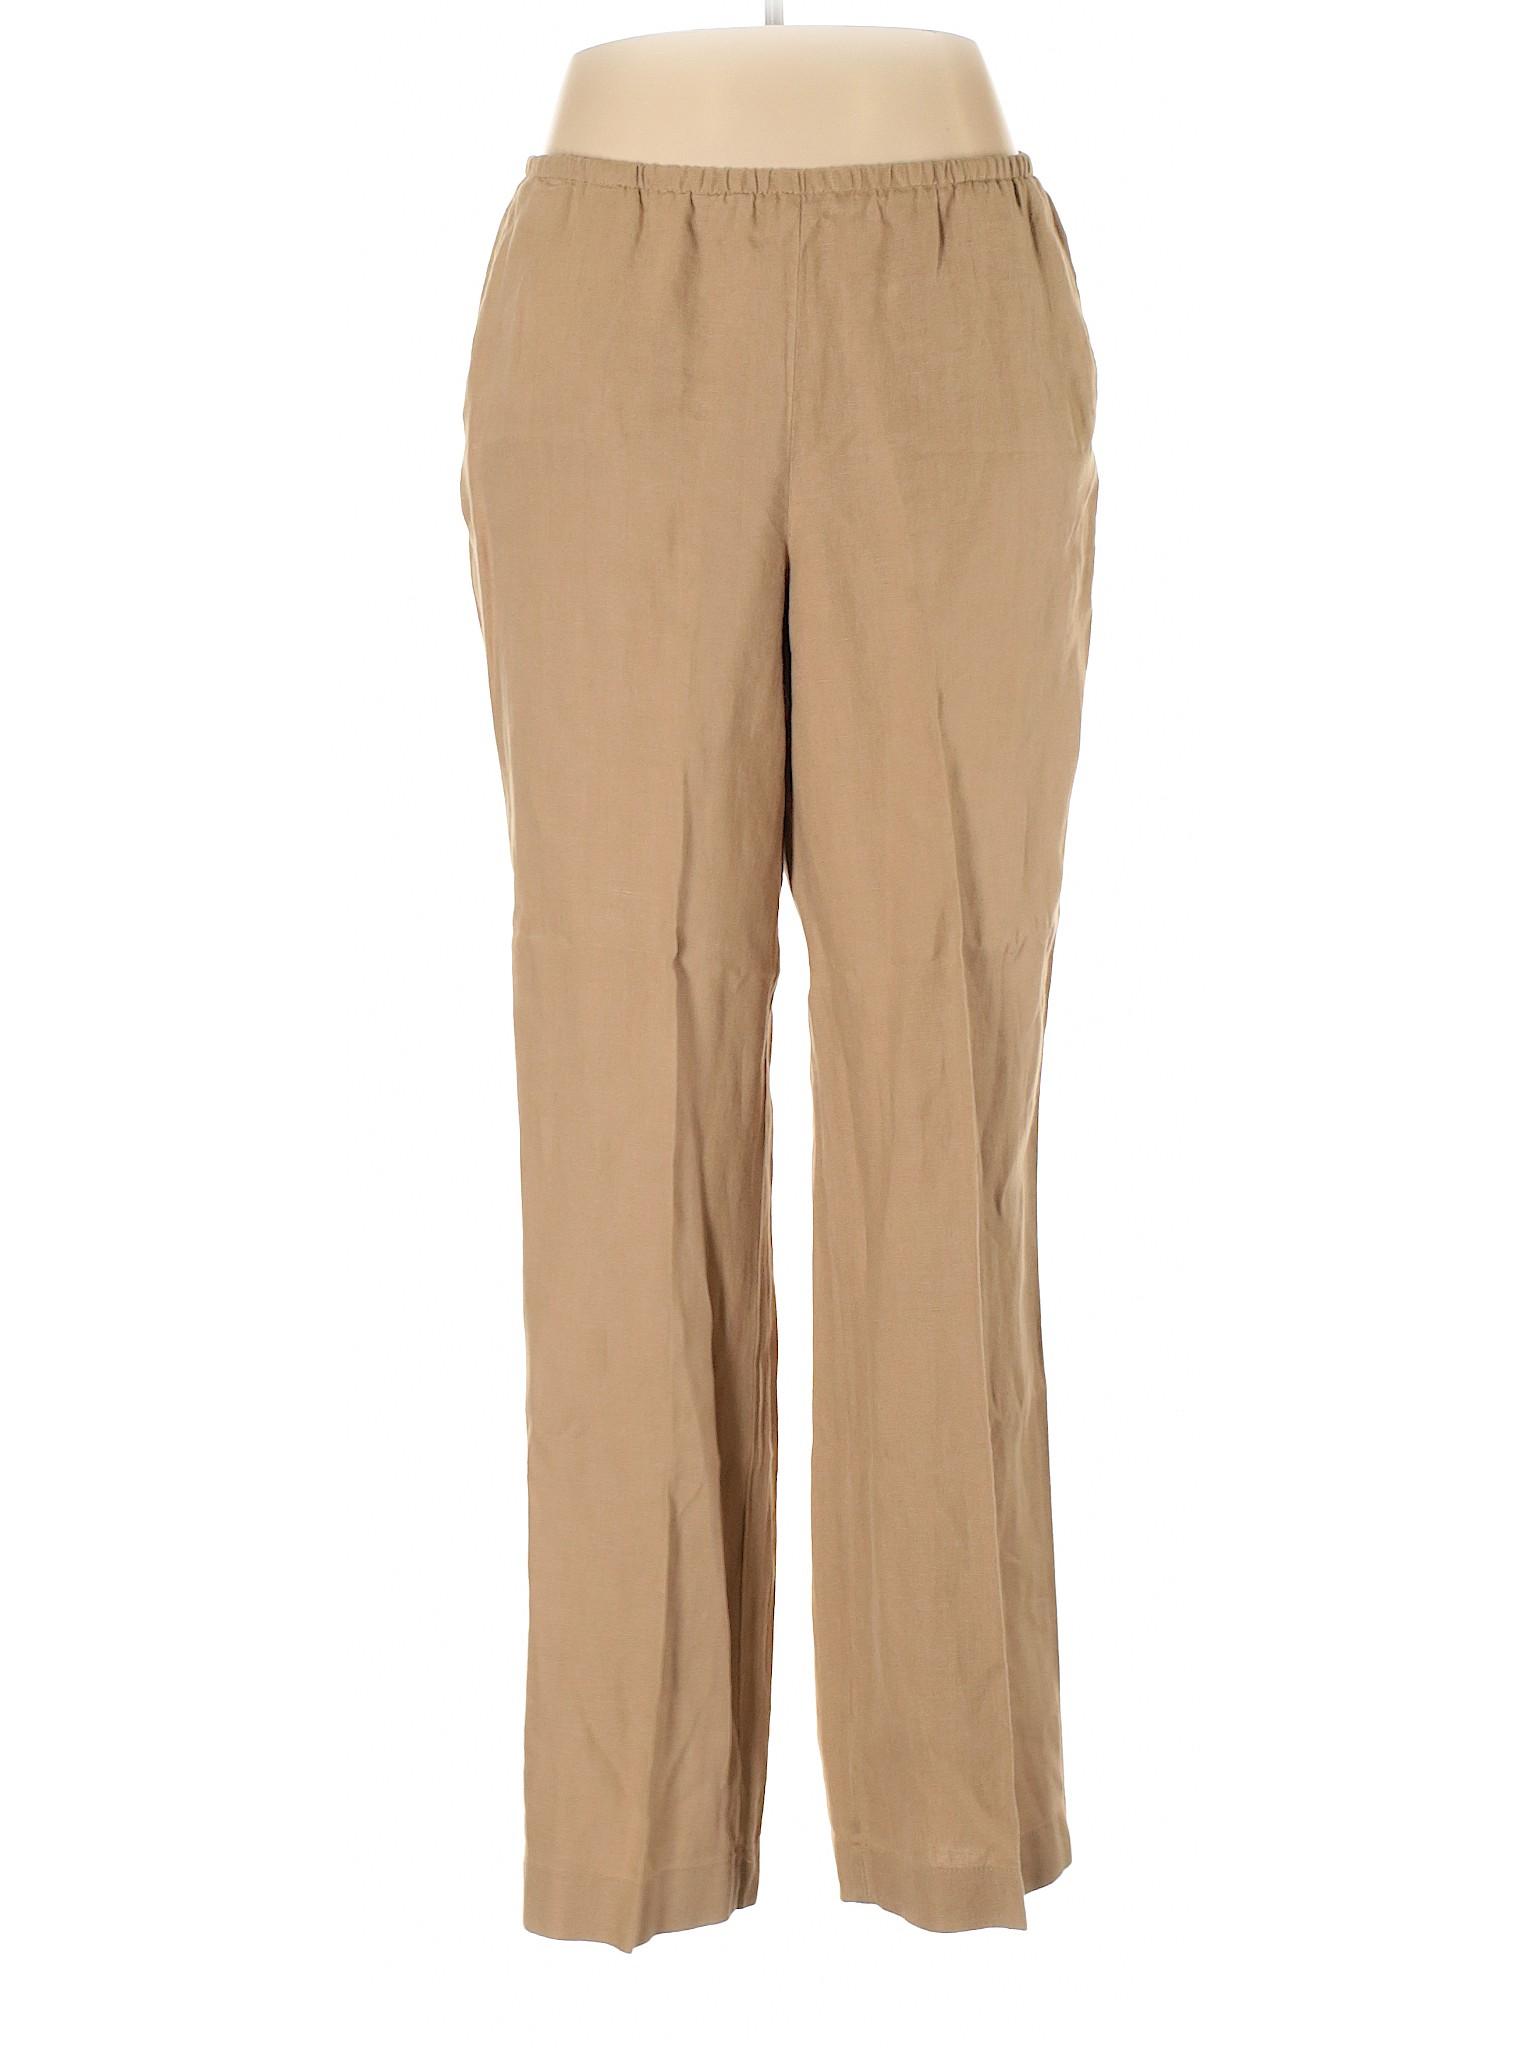 winter jill J Boutique Pants Linen OqSznxqp